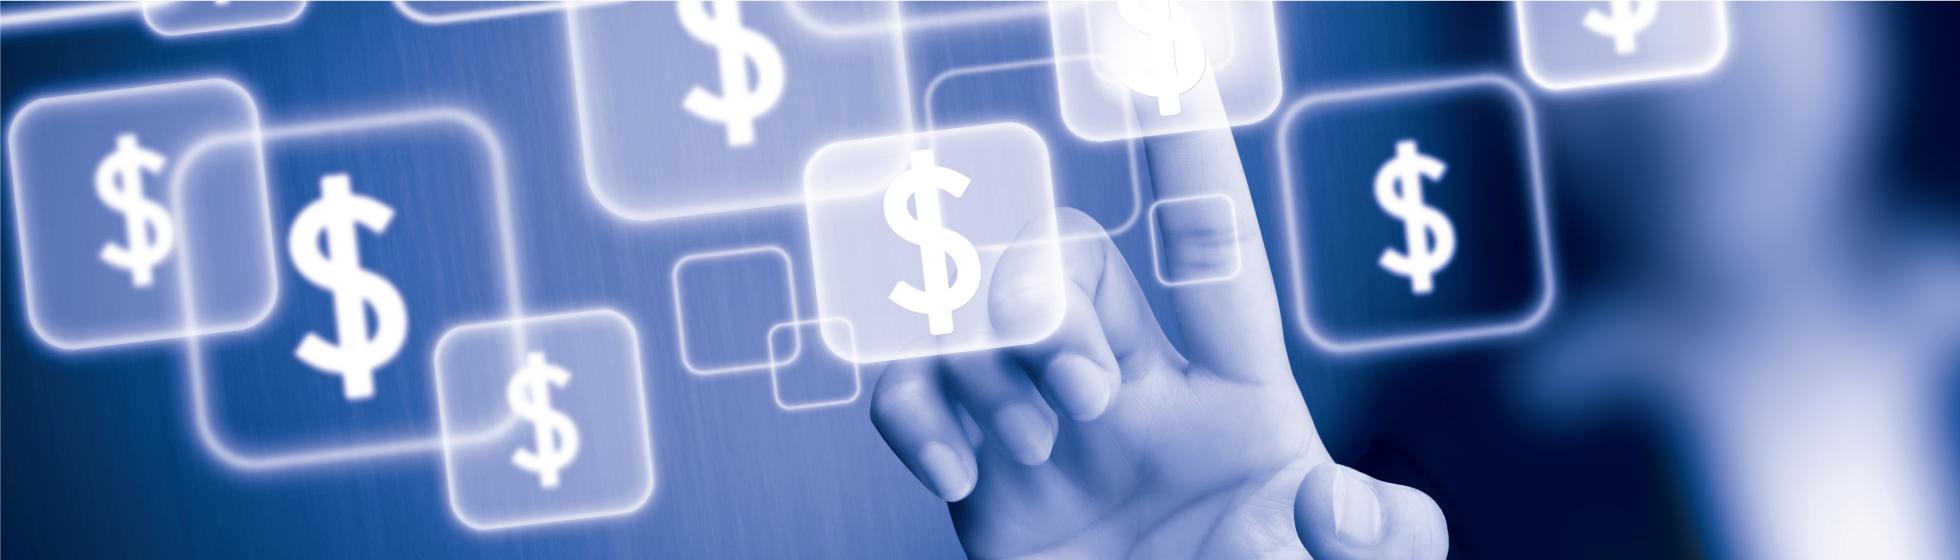 Financing your global marketing activities